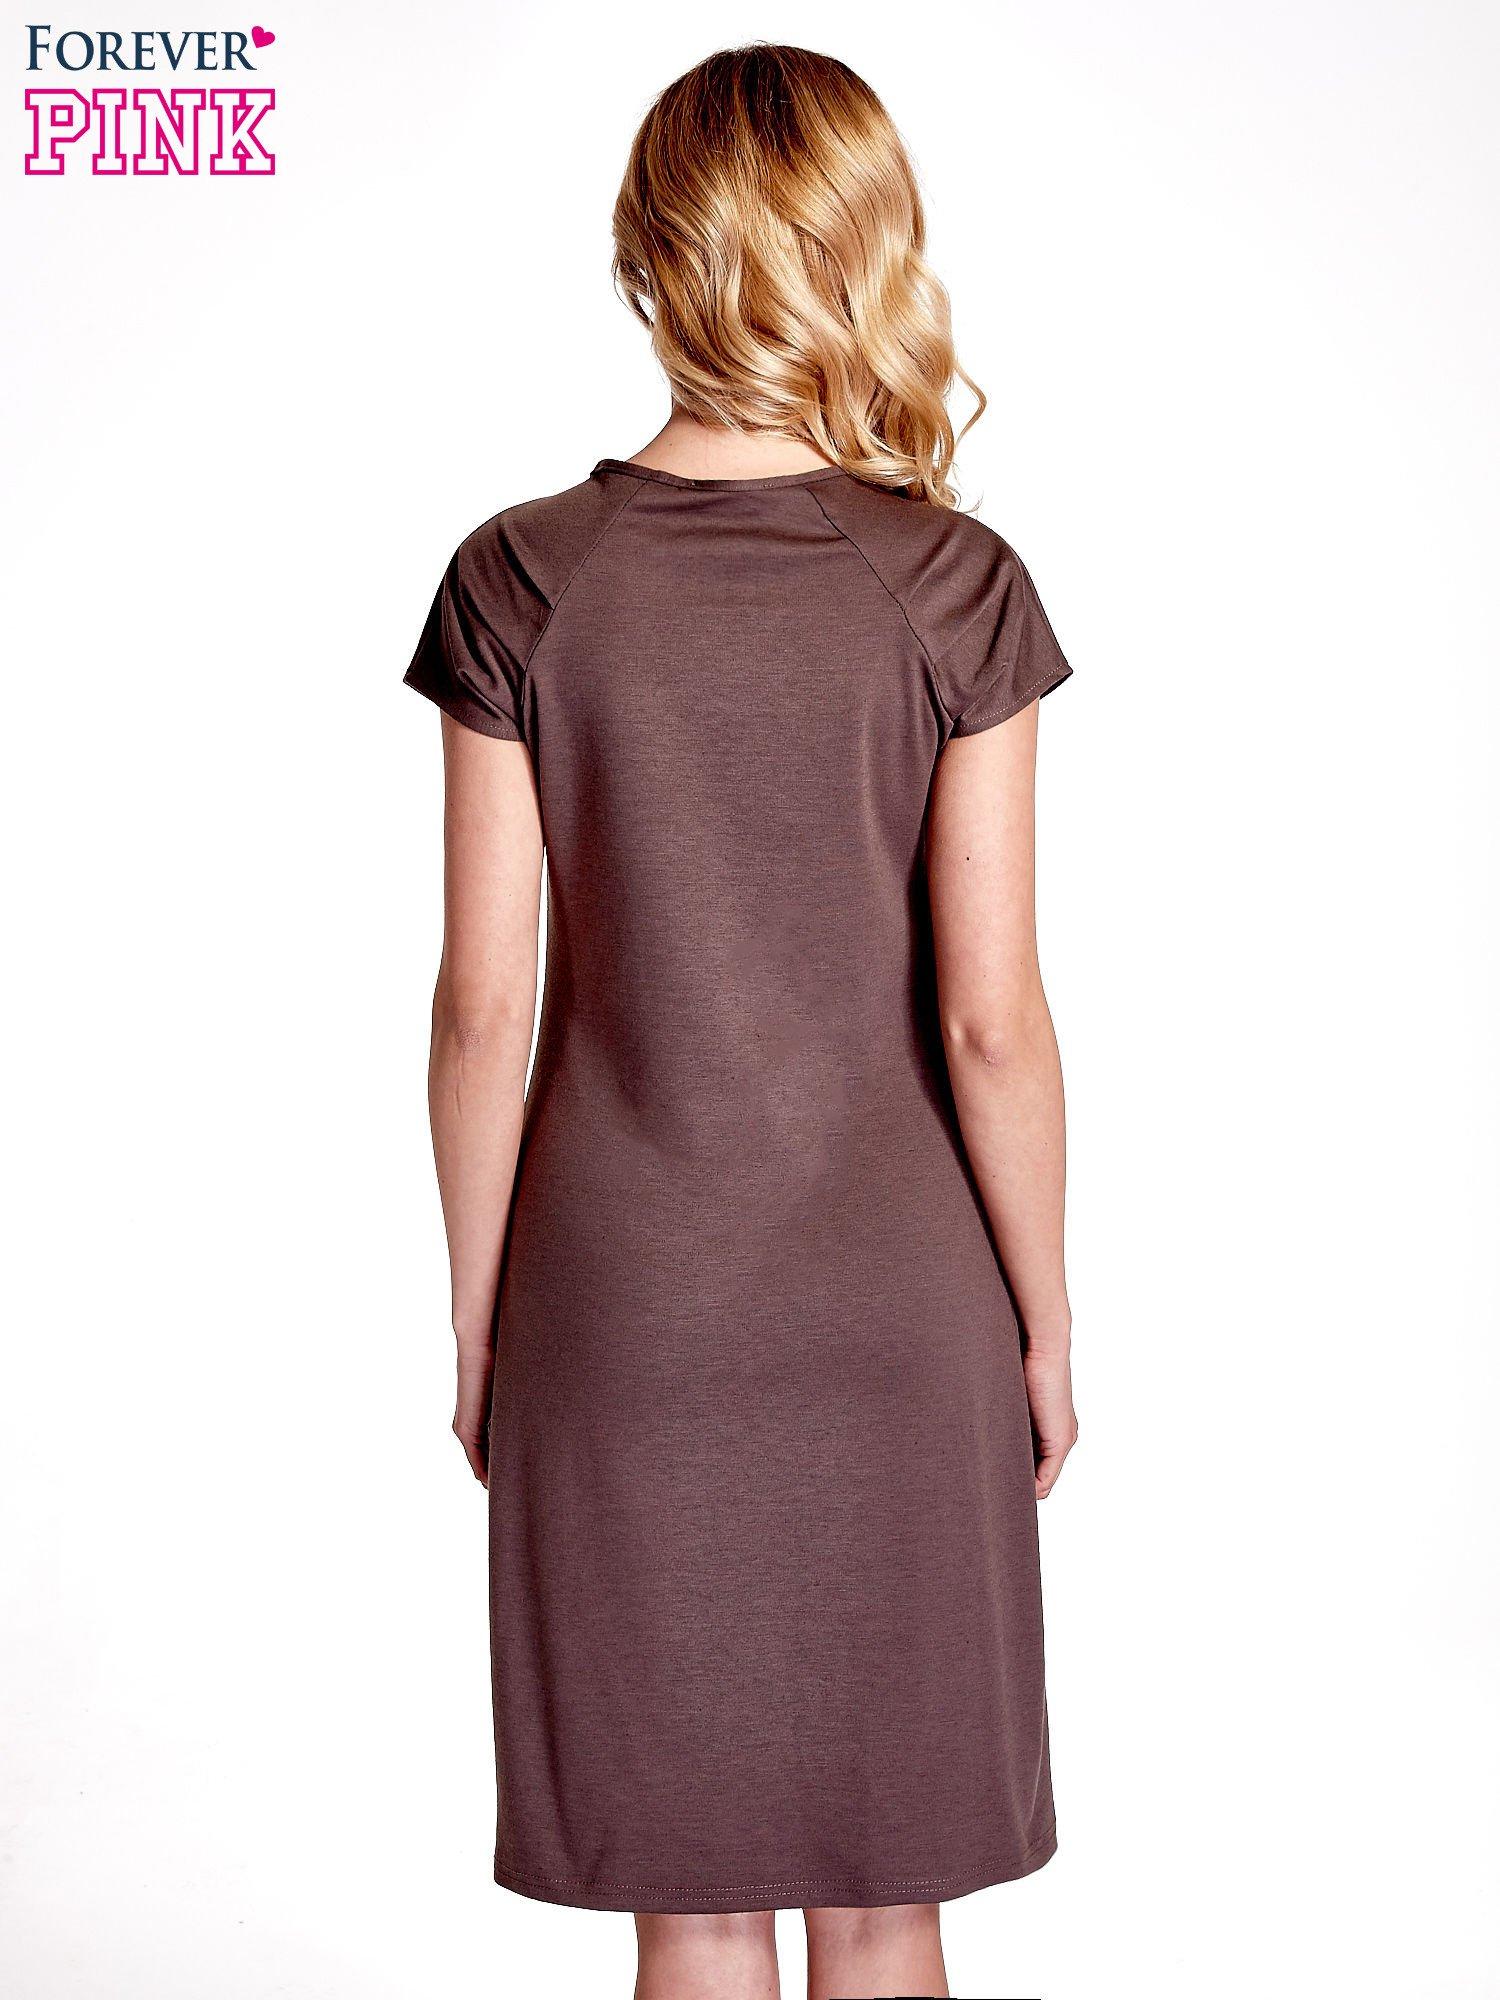 Brązowa sukienka z cekinowym wykończeniem przy dekolcie                                  zdj.                                  2